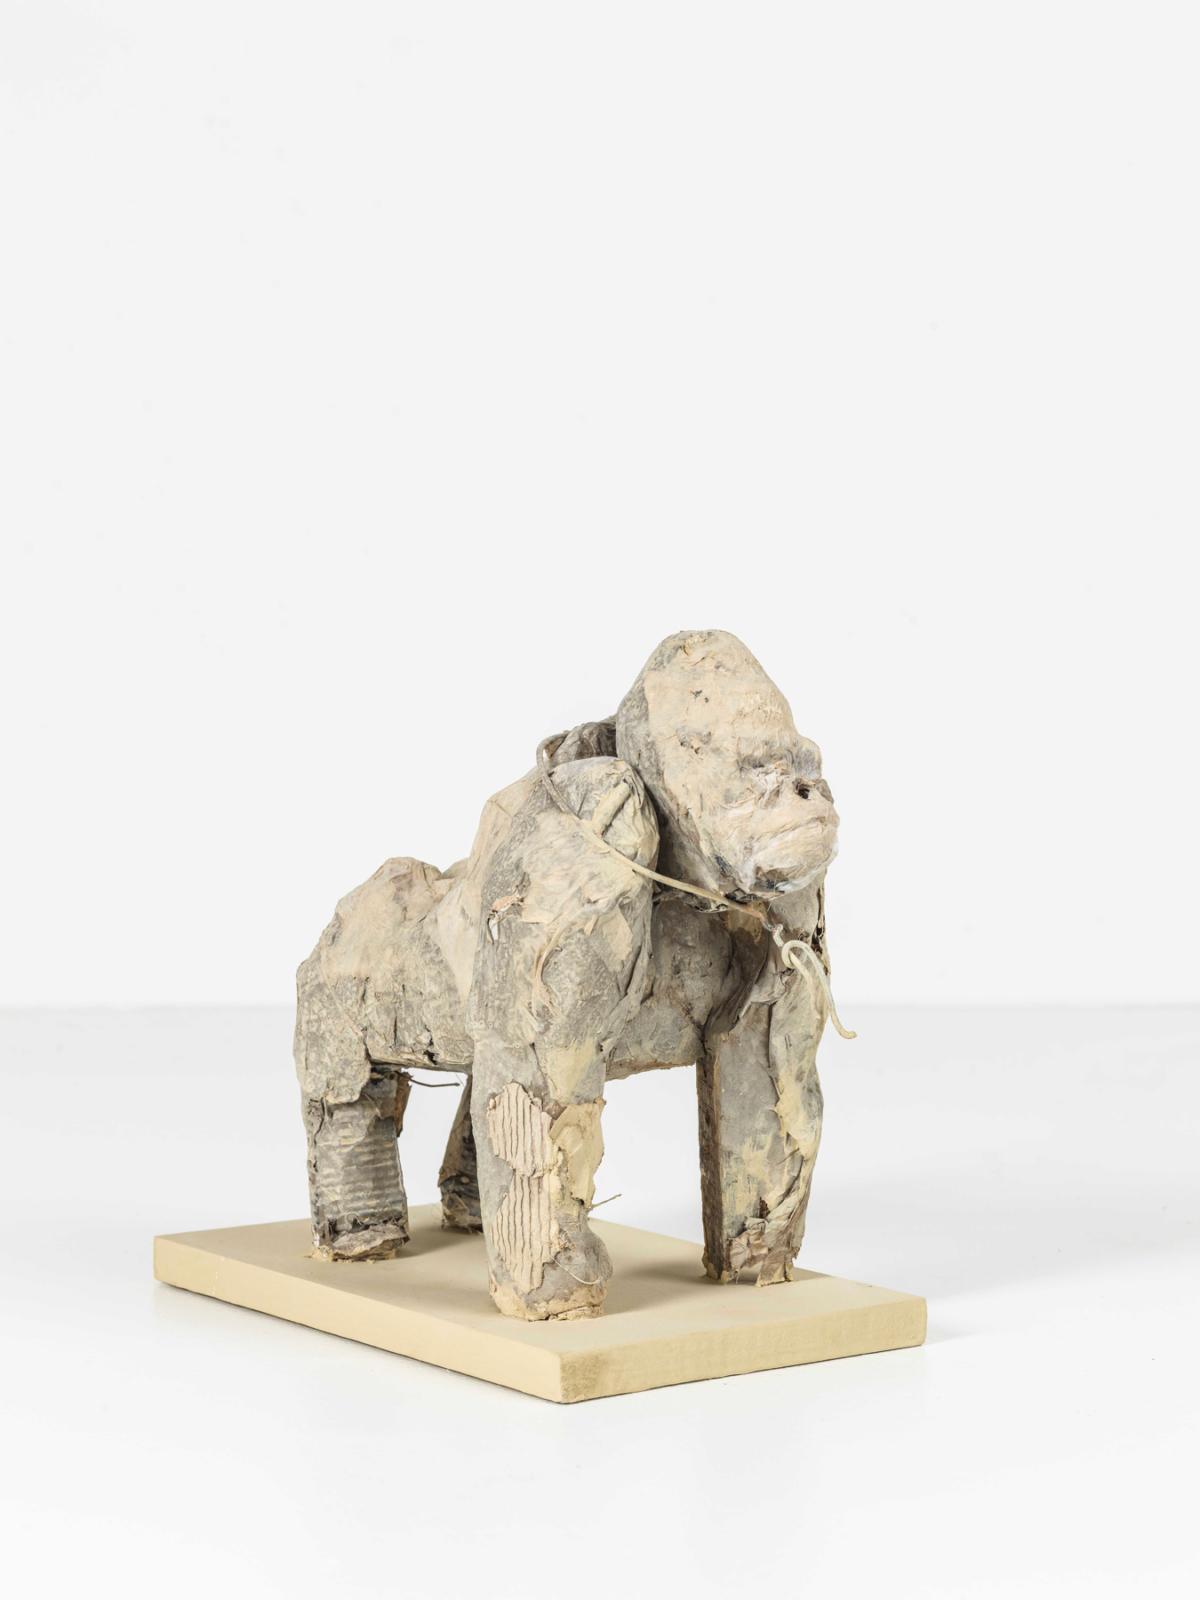 Gorille, 2020 Sculpture technique mixte 16 x 25 x 30 cm, DP074 ©Denis Polge